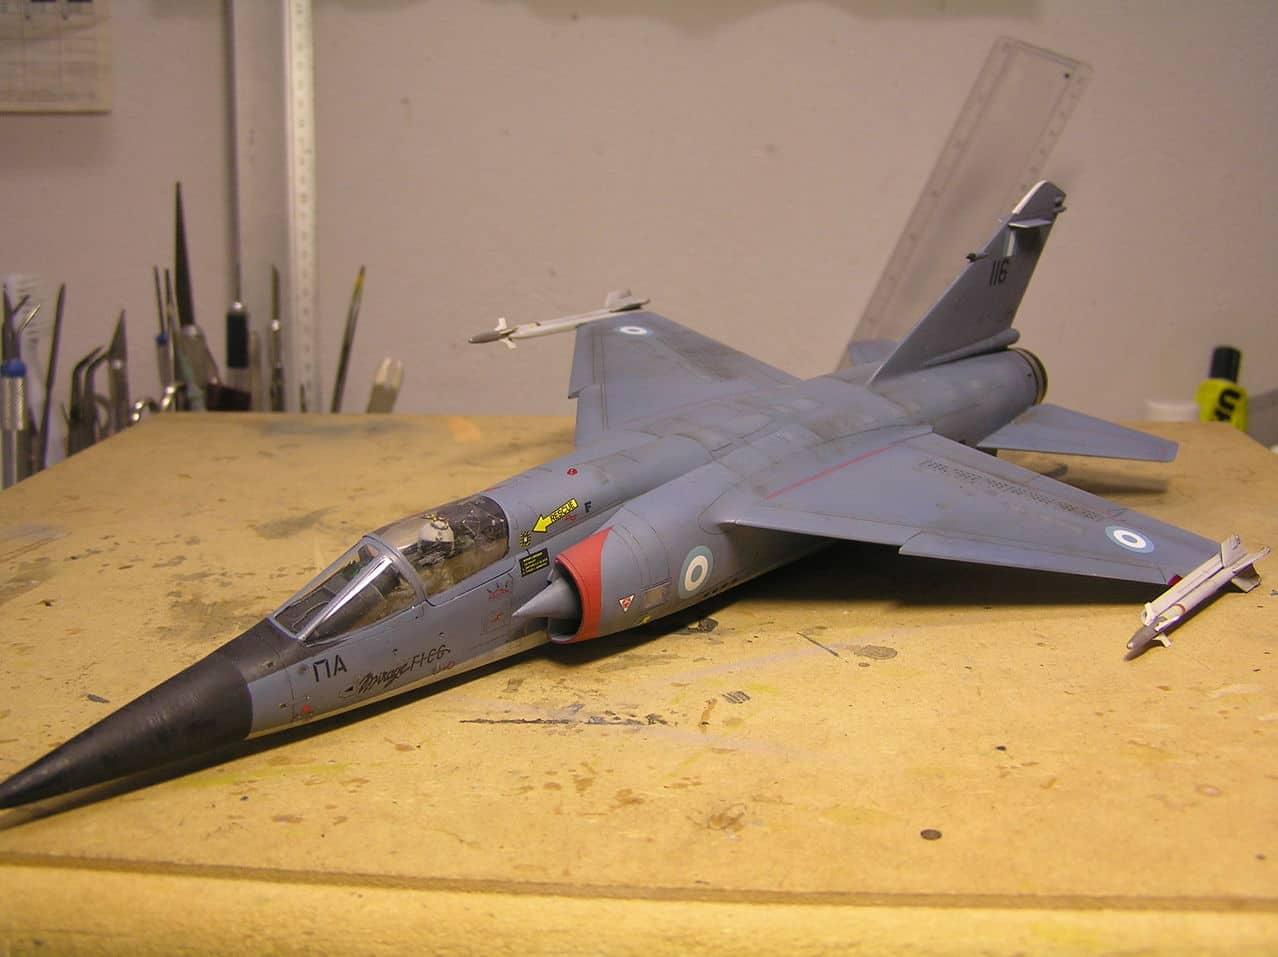 Ελληνικό Mirage F-1CG  1/48  - Σελίδα 2 P1010001_3